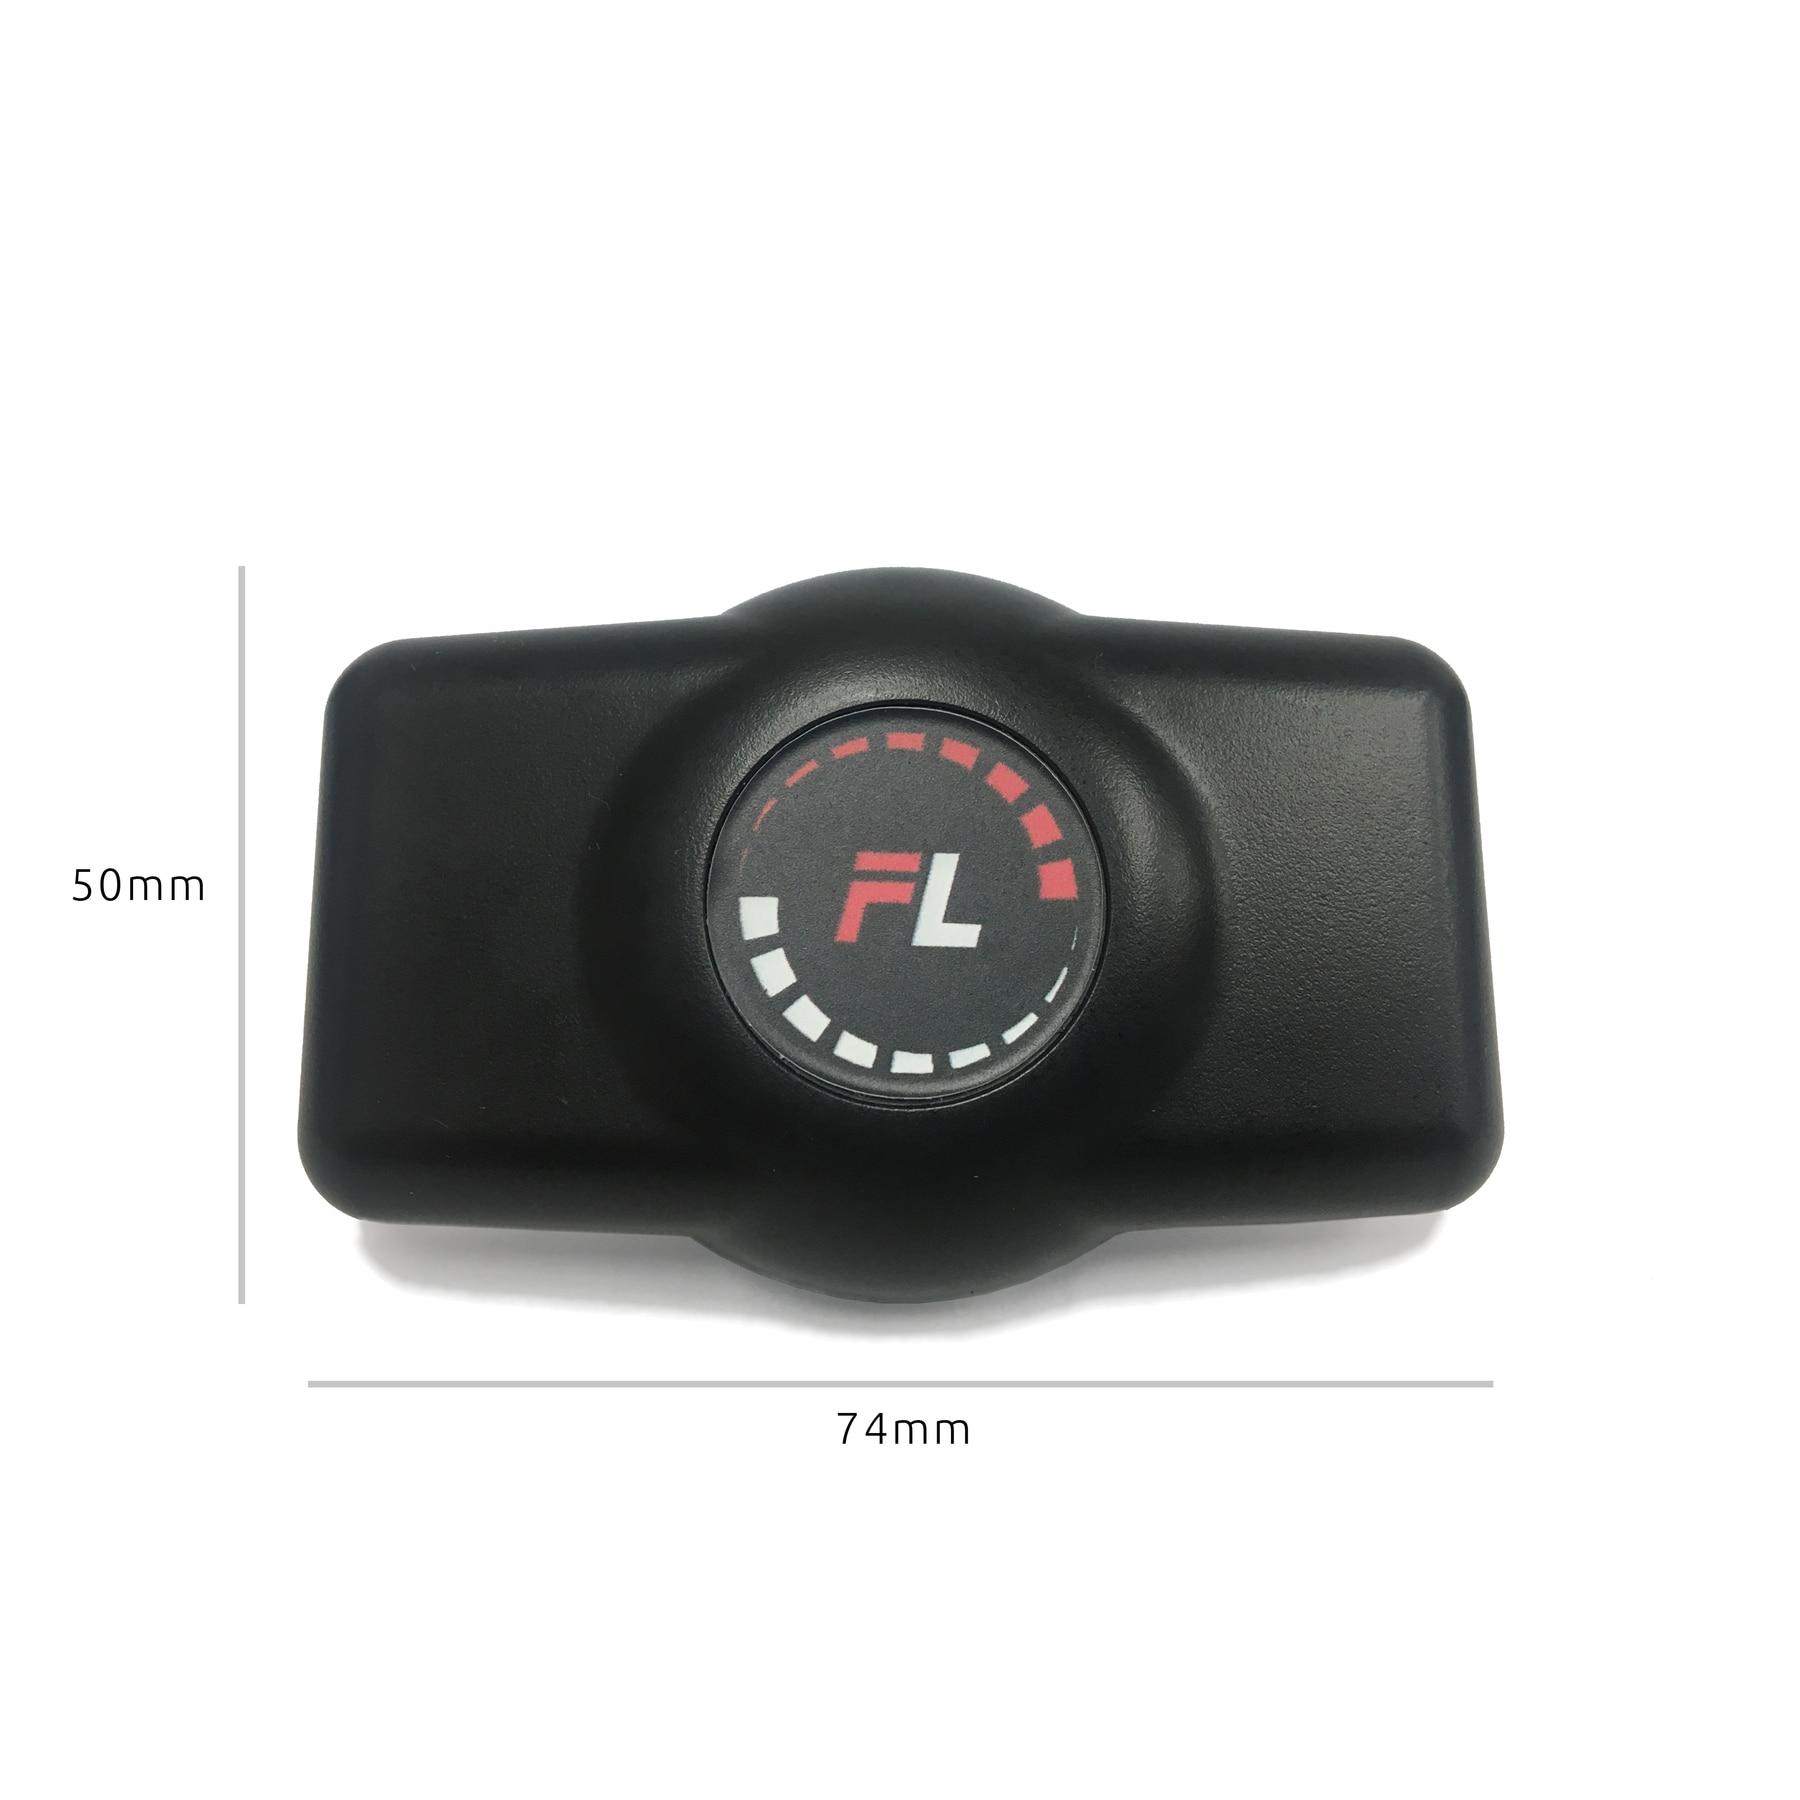 Budget équivalent de Racelogic, dragy-freelogic, GPS 10Hz, connexion USB avec smartphone, tablette, PC, ordinateur portable